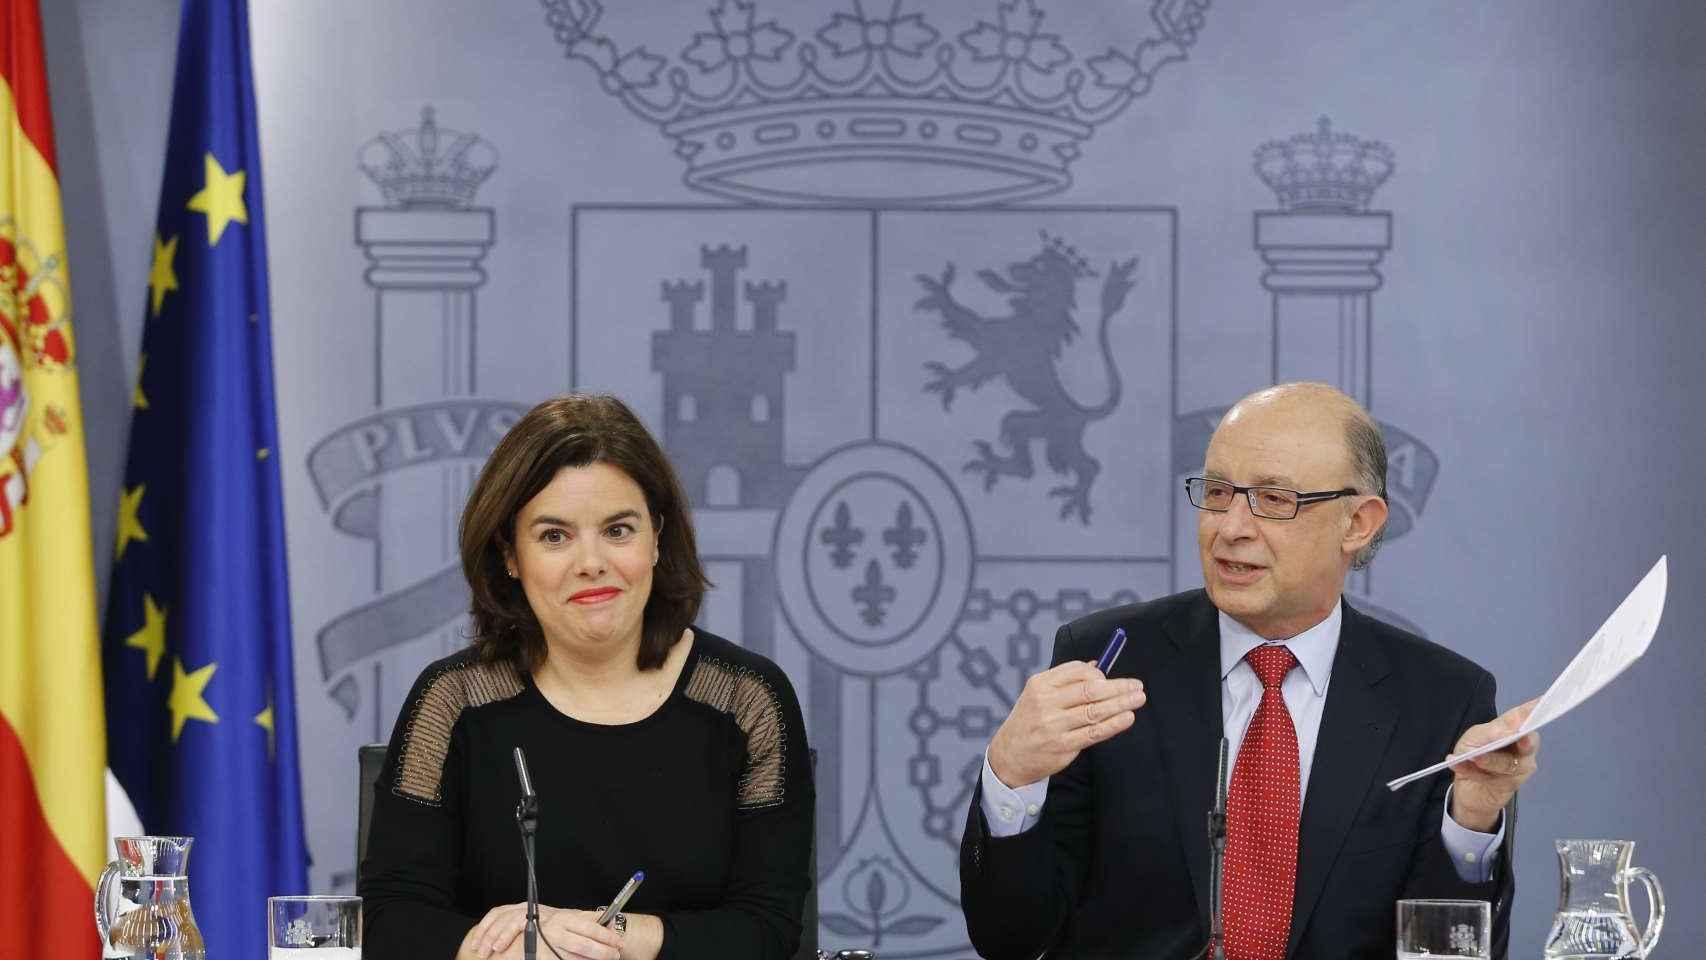 Cristóbal Montoro y Soraya Sáenz de Santamaría